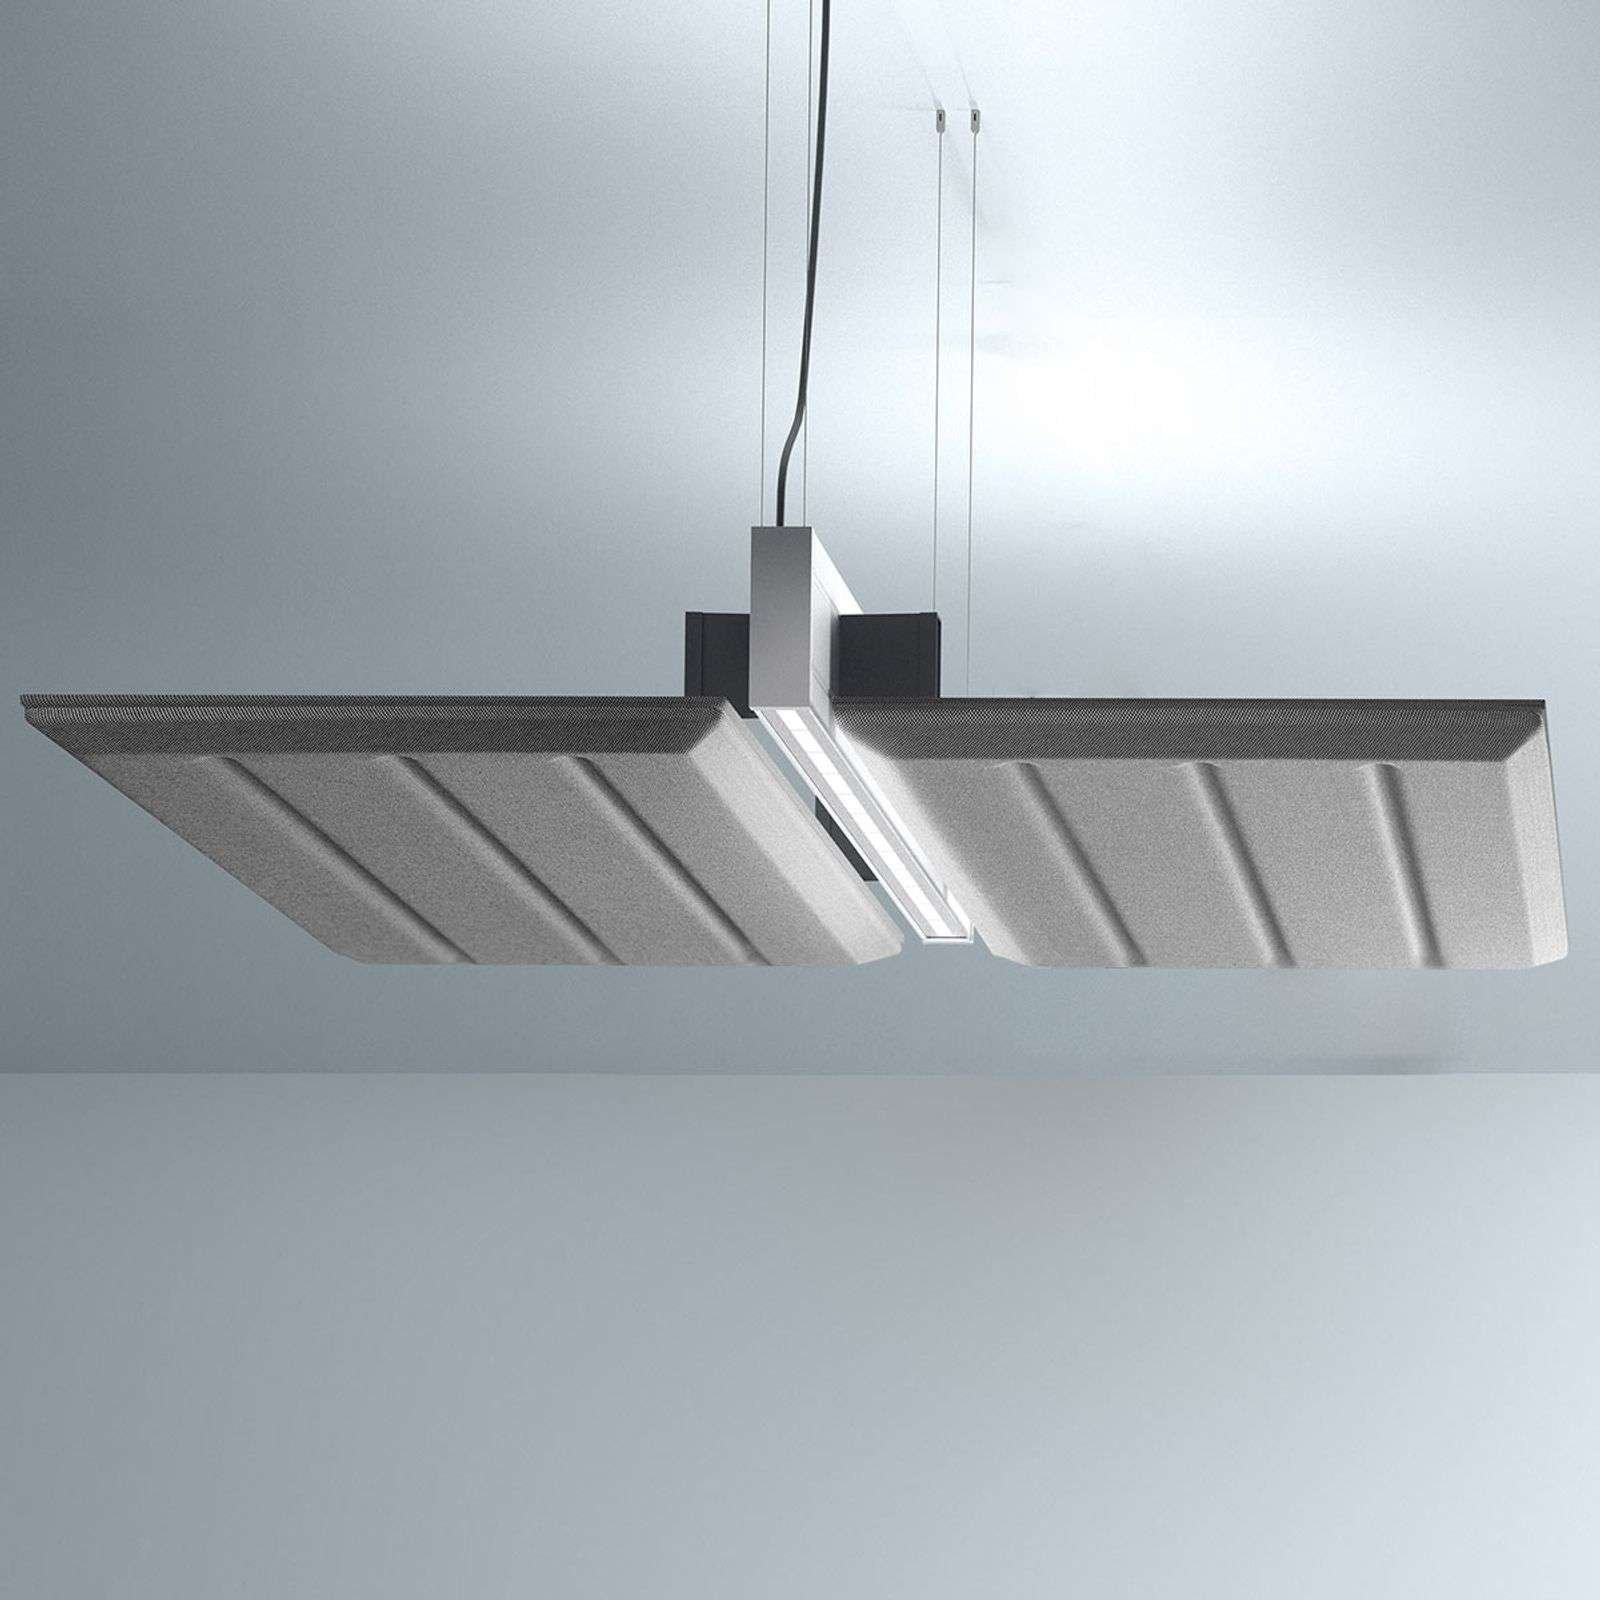 Luceplan Diade hanging lamp horizontal 120cm black